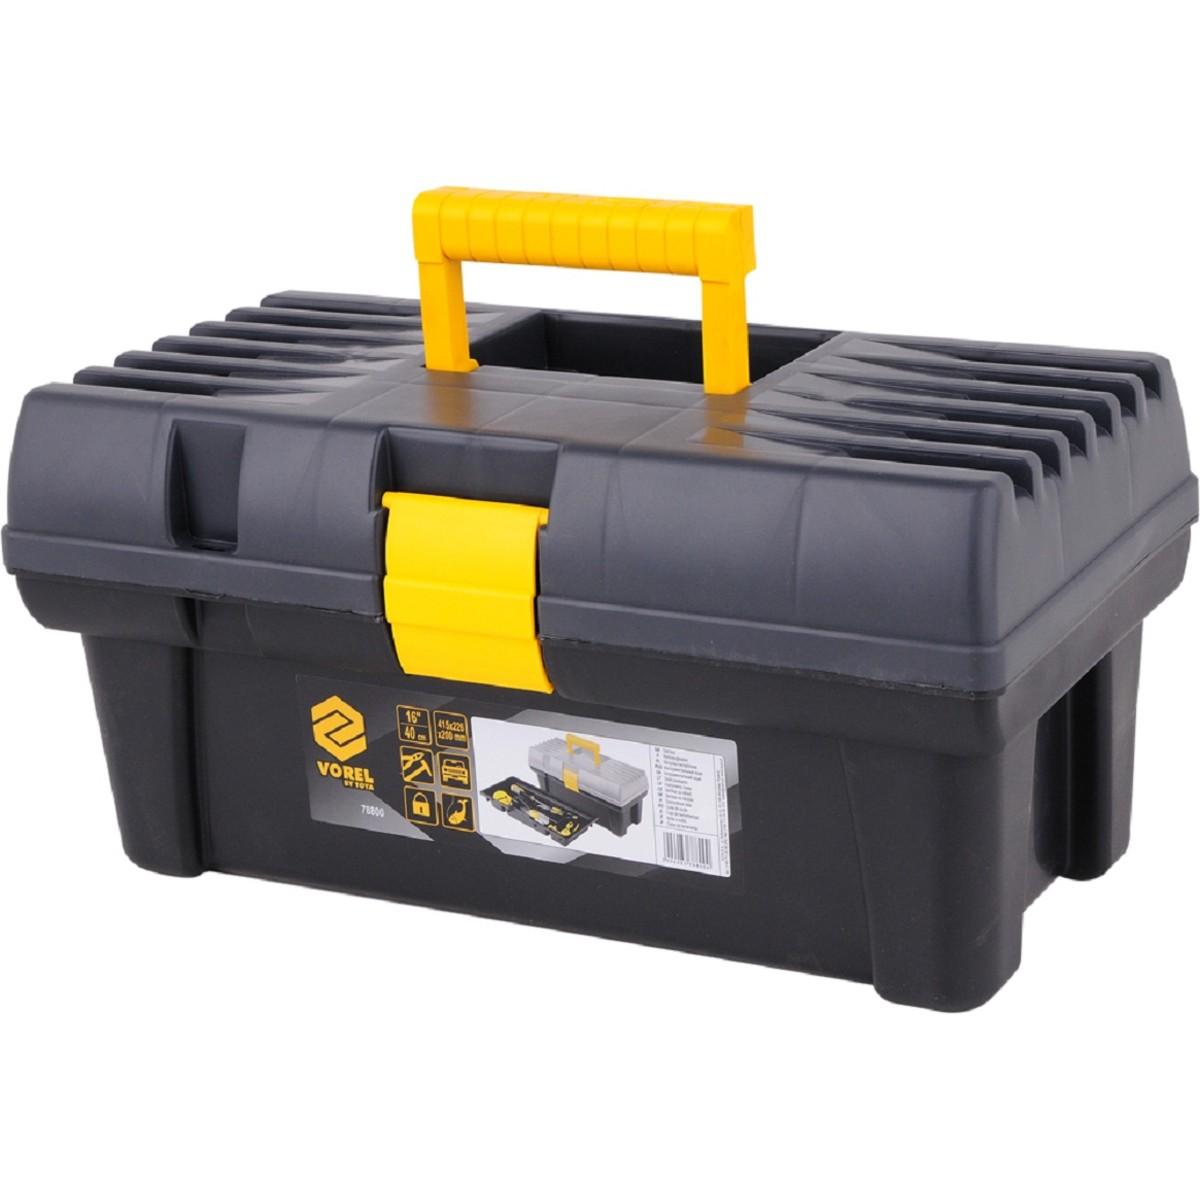 Сумка для хранения инструментов VOREL 78800